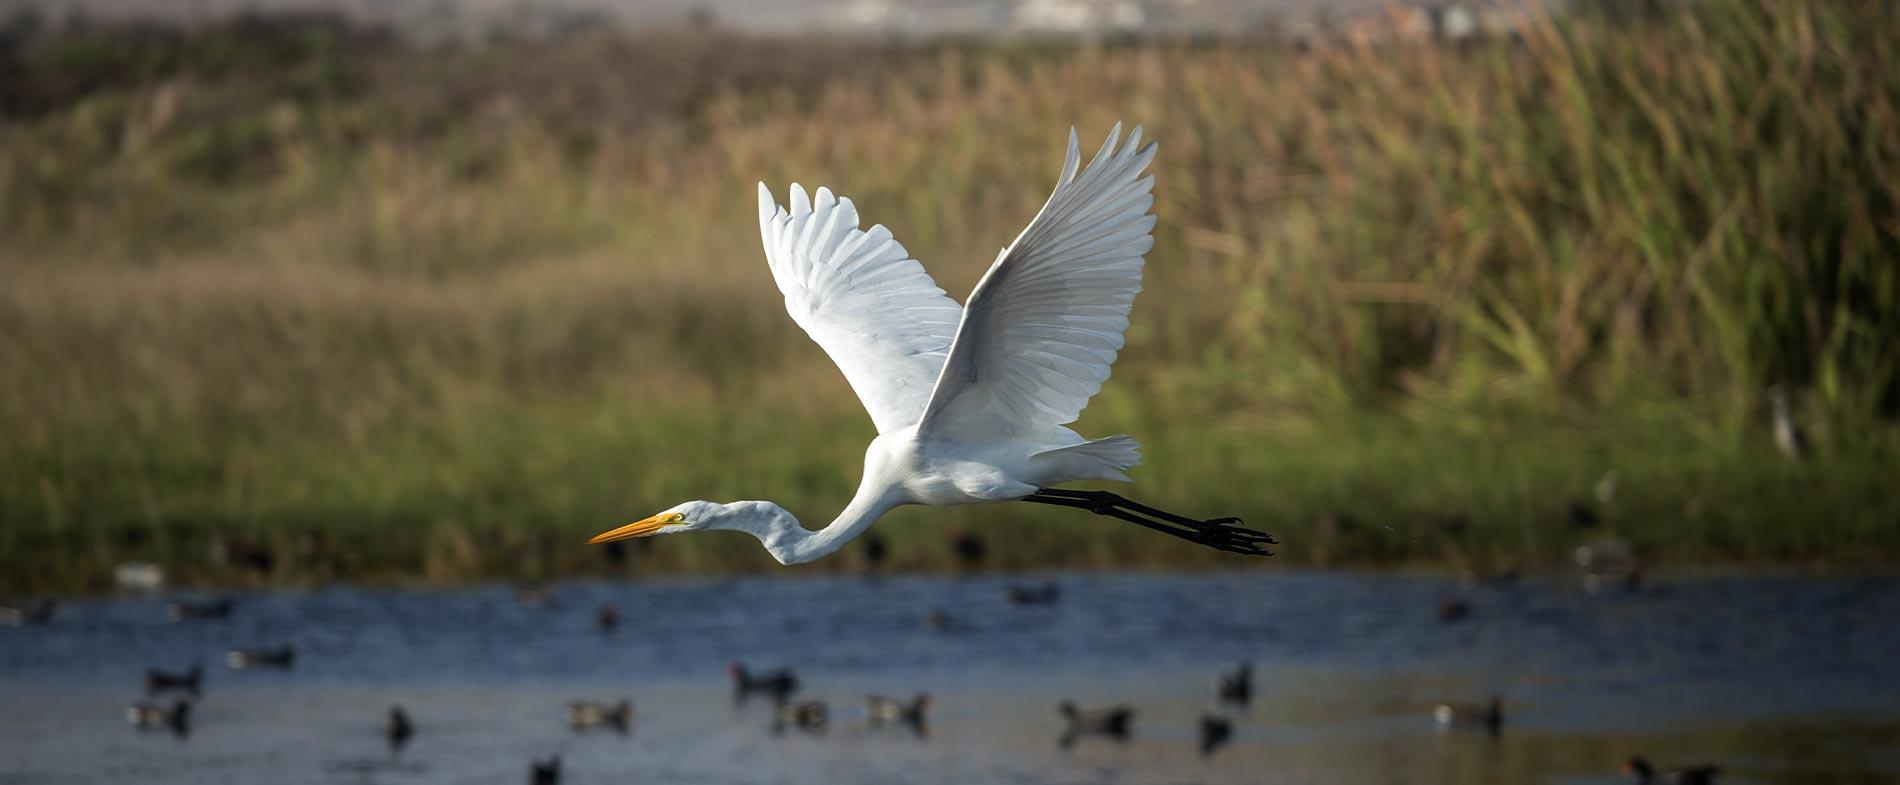 Humedal Rio LLuta Arica y Parinacota Ave en vuelo